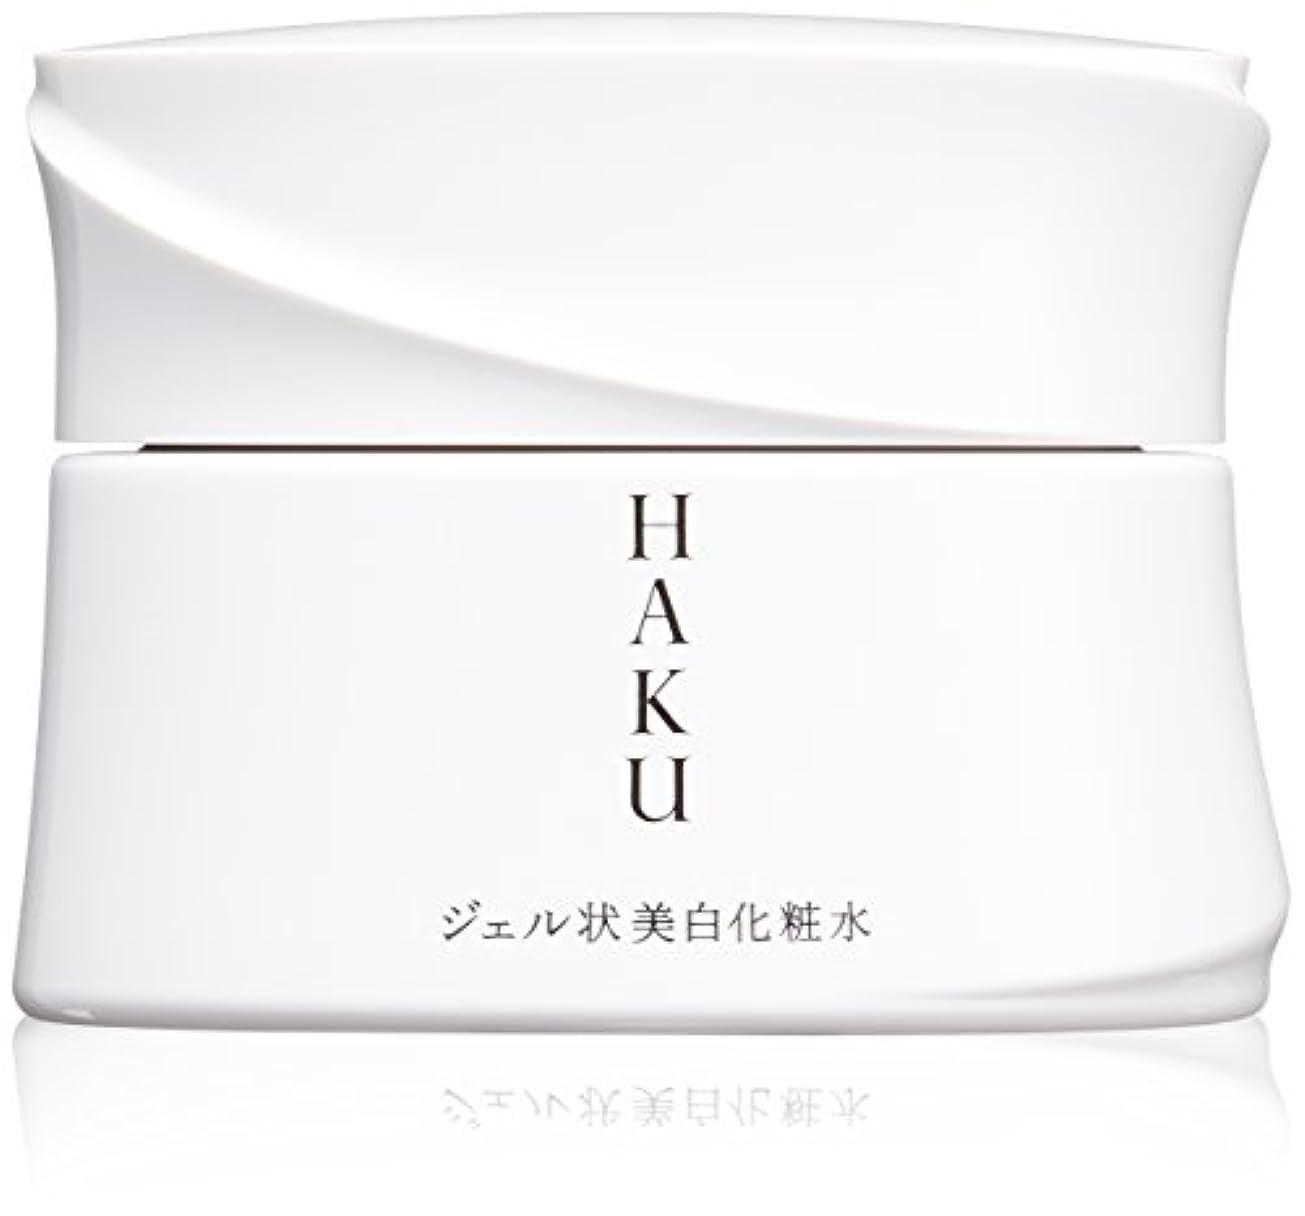 事実どうやって口ひげHAKU メラノディープモイスチャー 美白化粧水 100g 【医薬部外品】